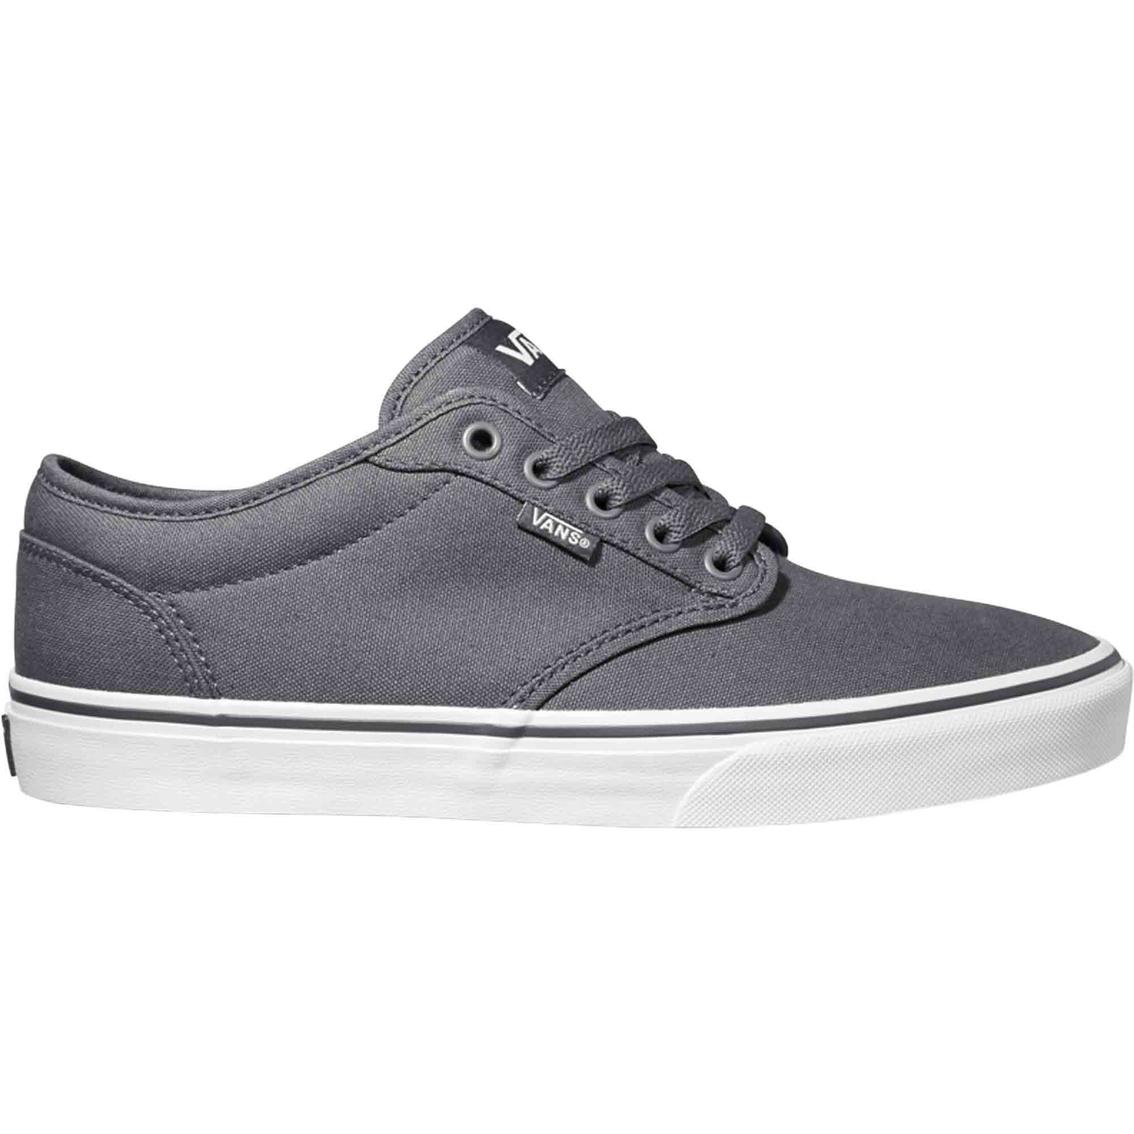 3c5af051d5040e Vans Men s Atwood Lifestyle Shoes